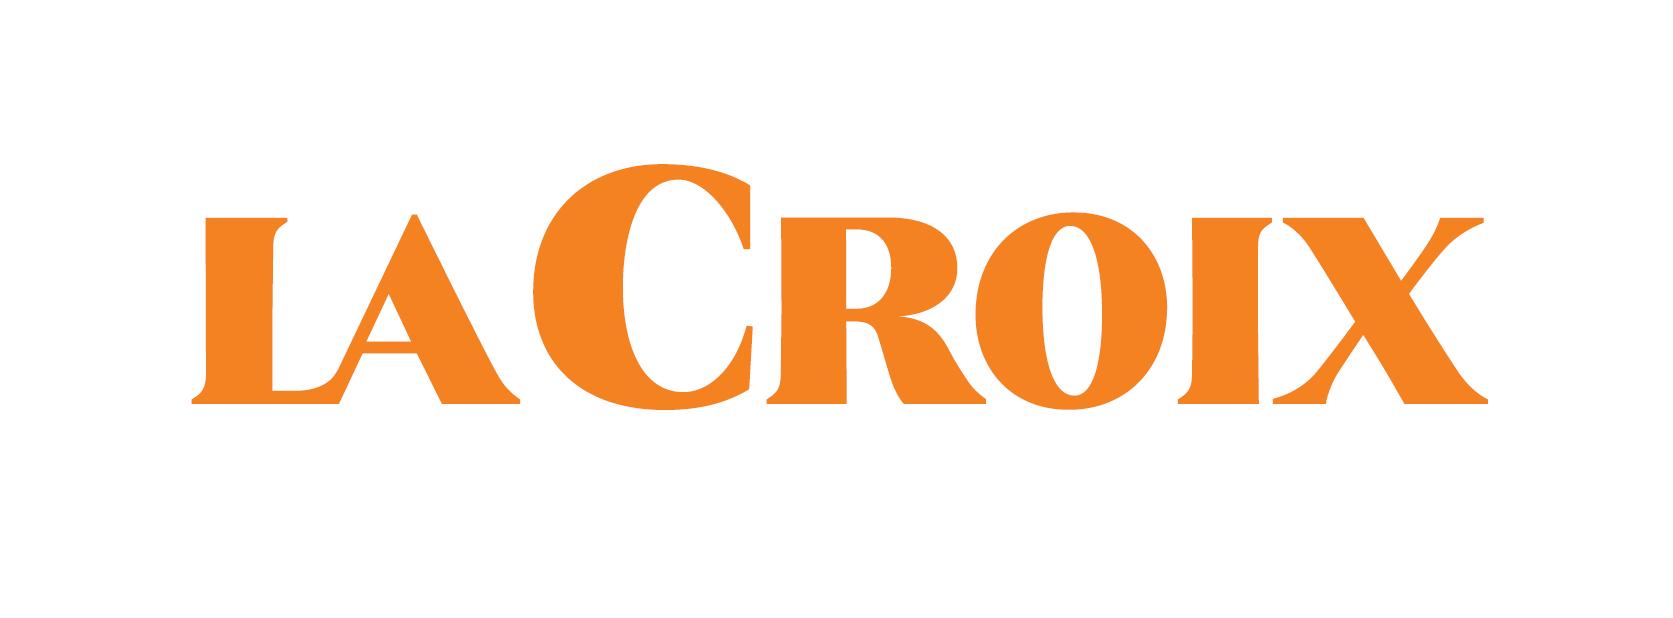 nouveau-logo-la-croixpng-289134.png